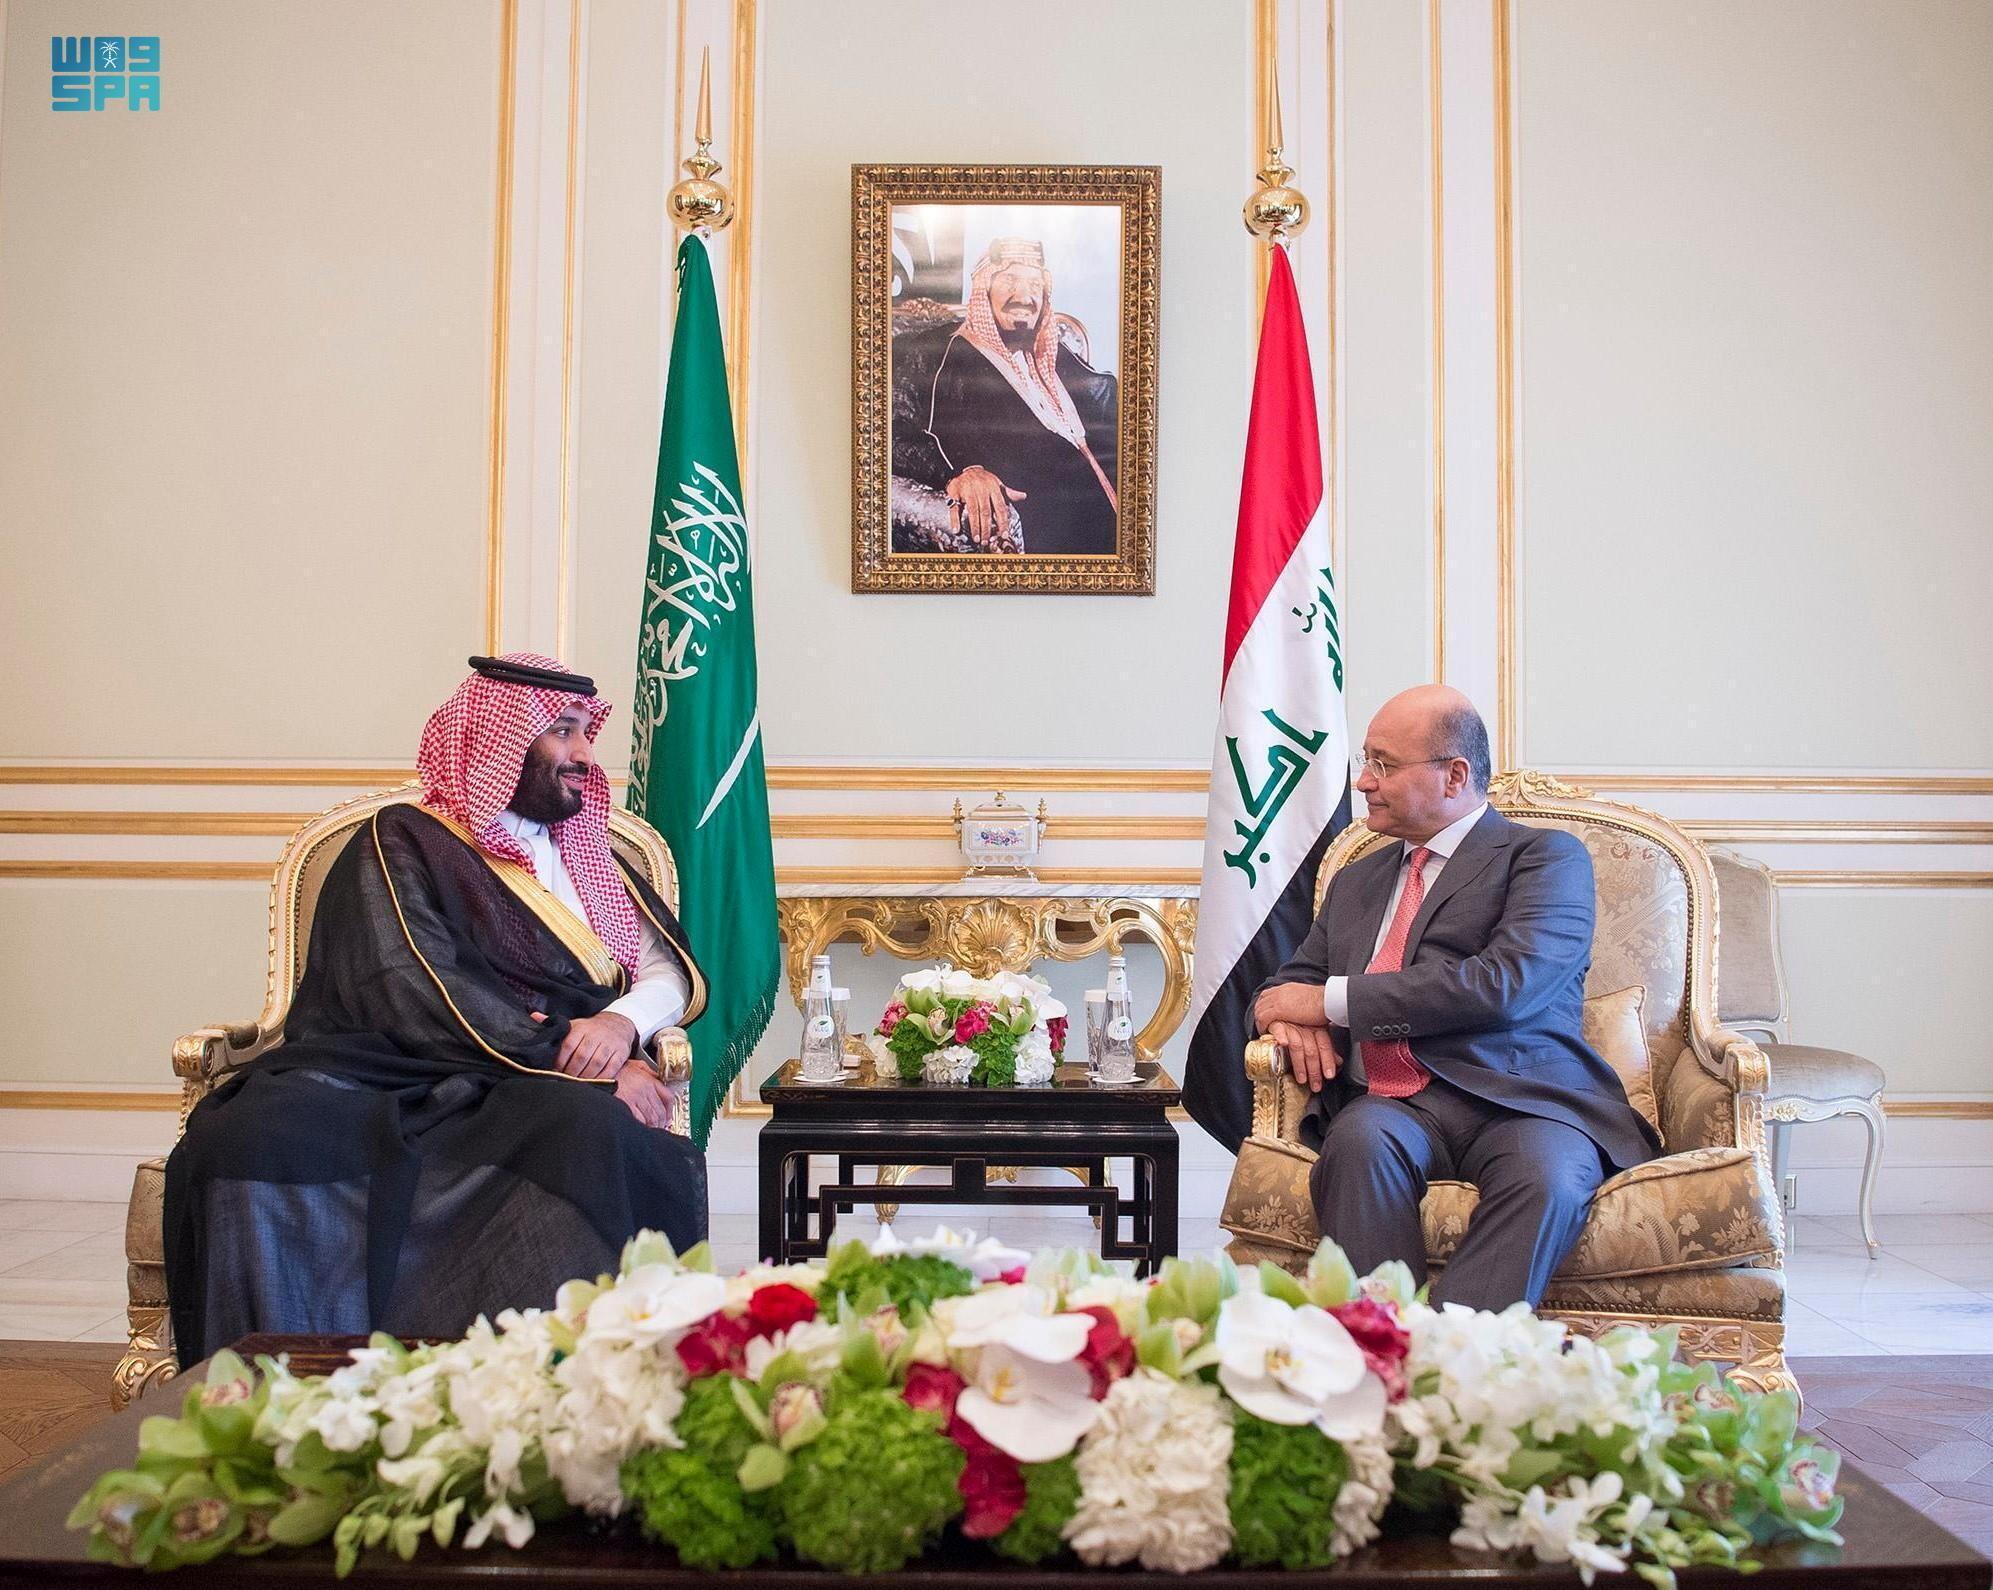 2021-03-31T170343Z_1140022151_RC2HMM9CWFL8_RTRMADP_3_IRAQ-SAUDI-POLITICS